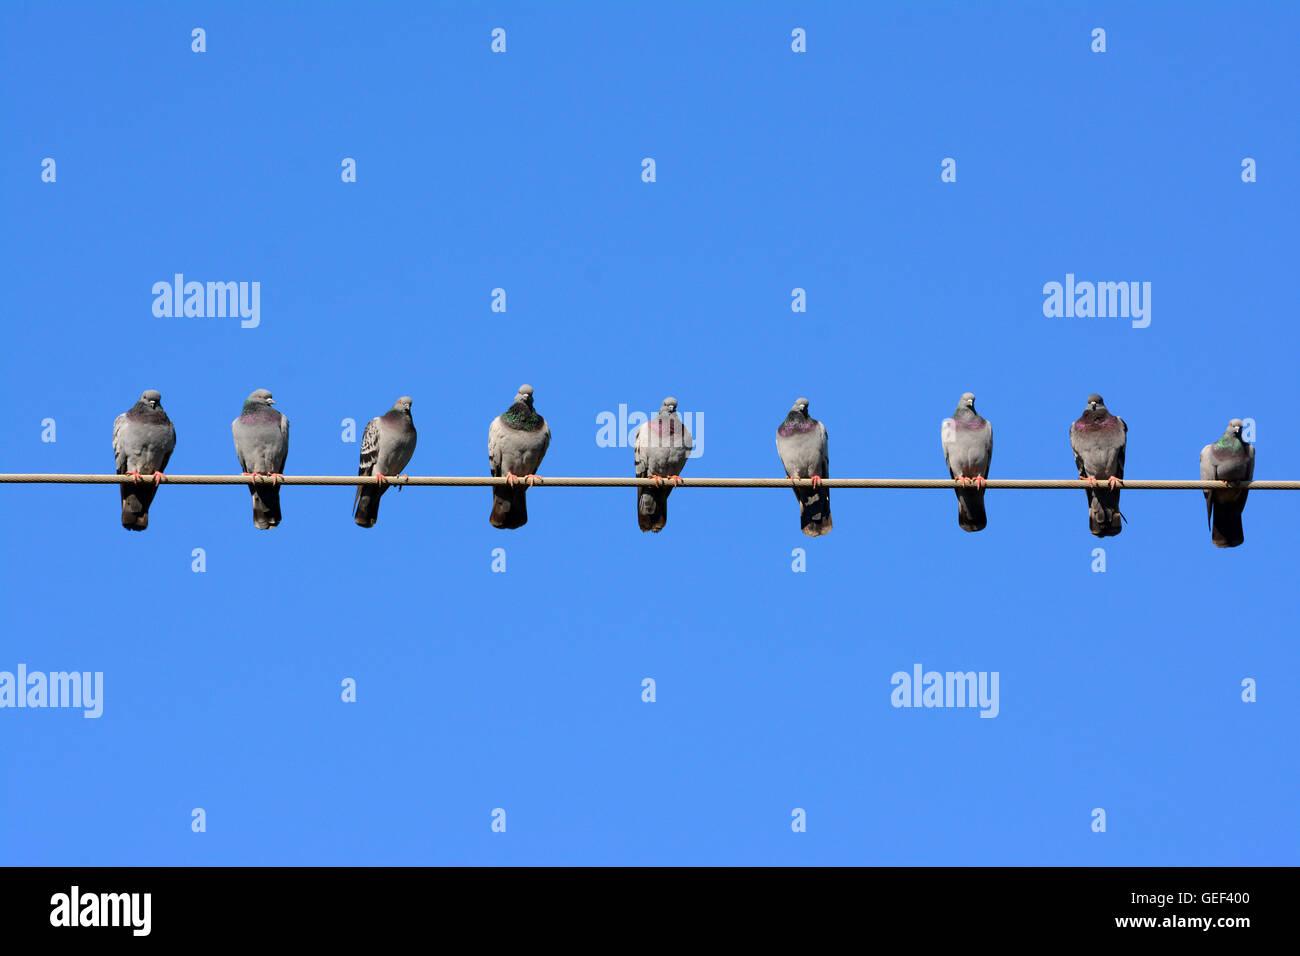 Pigeon vicini mantenere distanza personali Immagini Stock